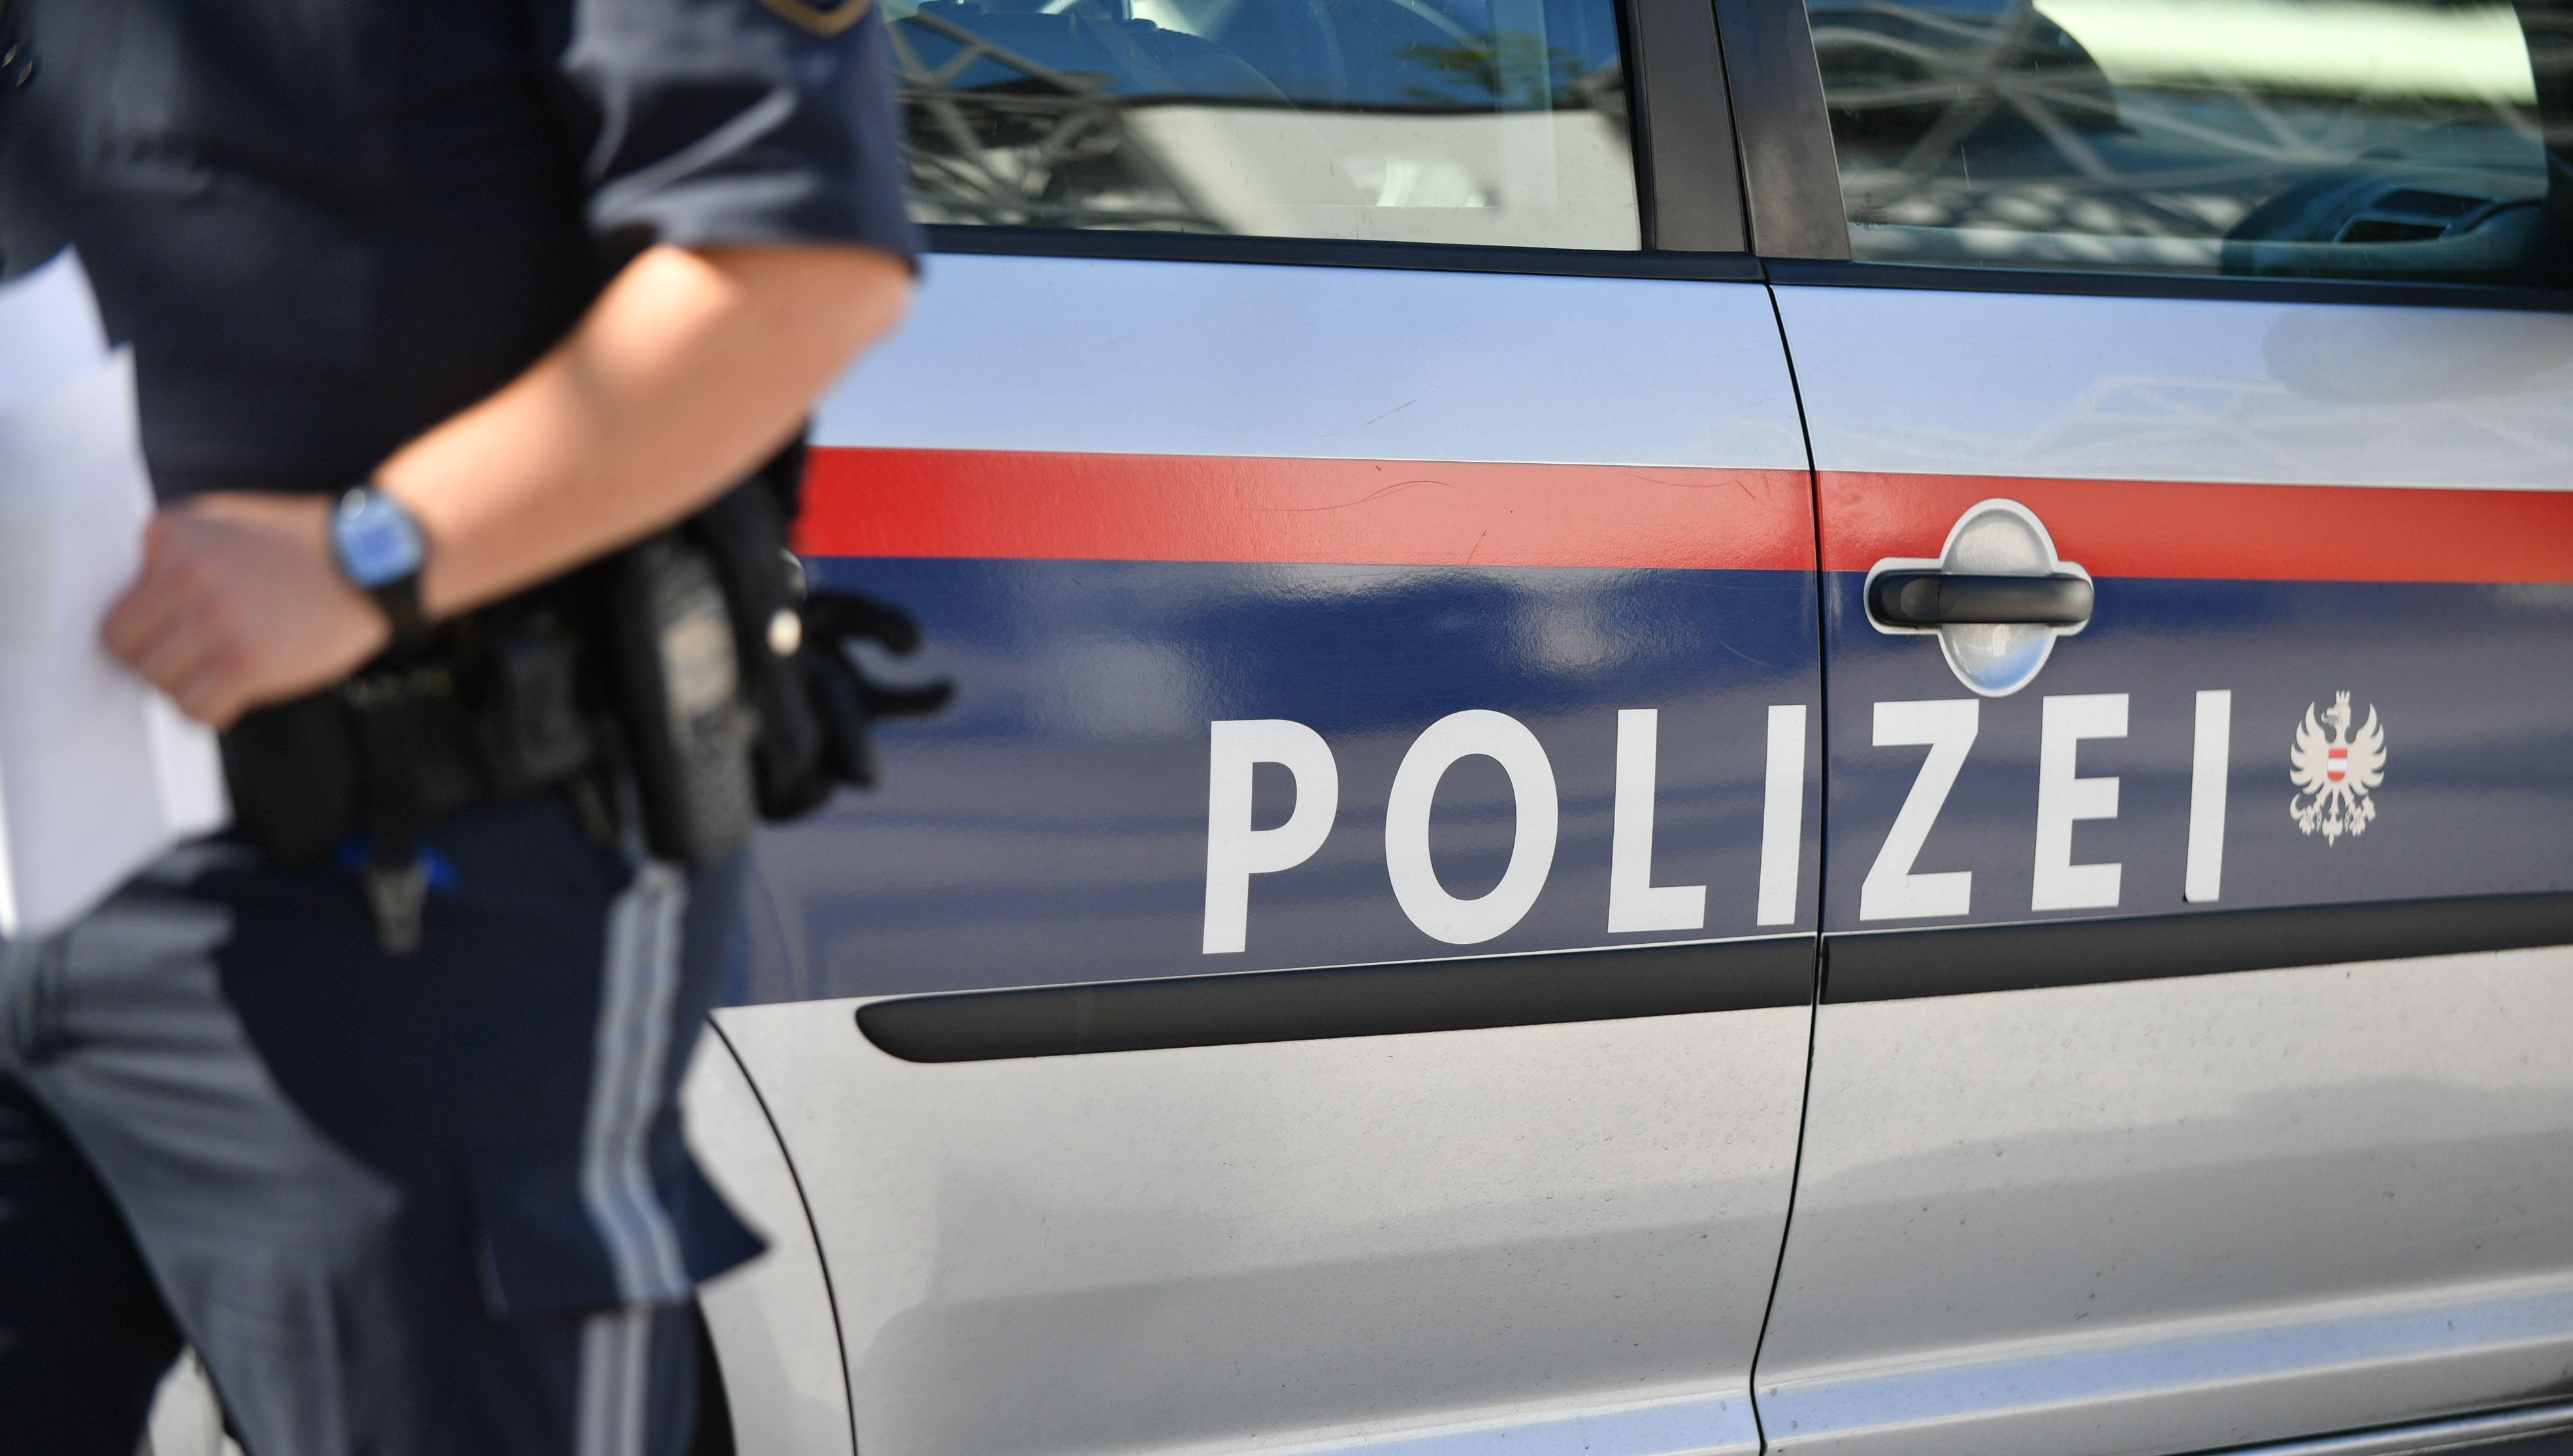 """Wien-Fünfhaus: Polizei warnt vor """"falschen Polizisten"""""""